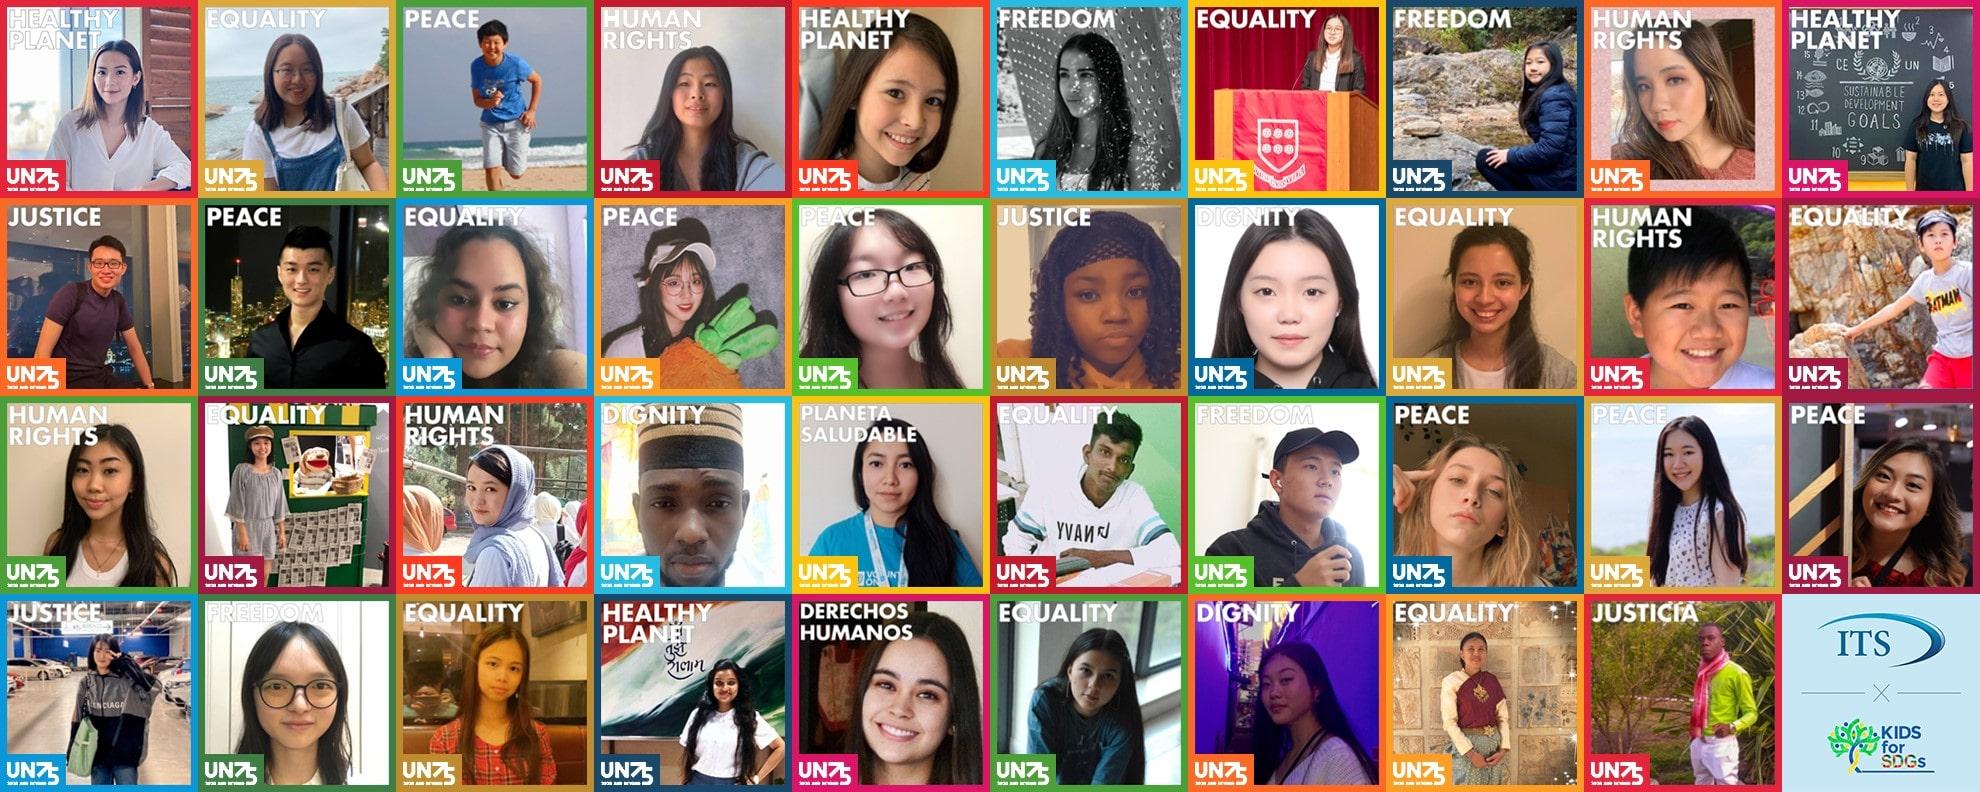 UN75 students